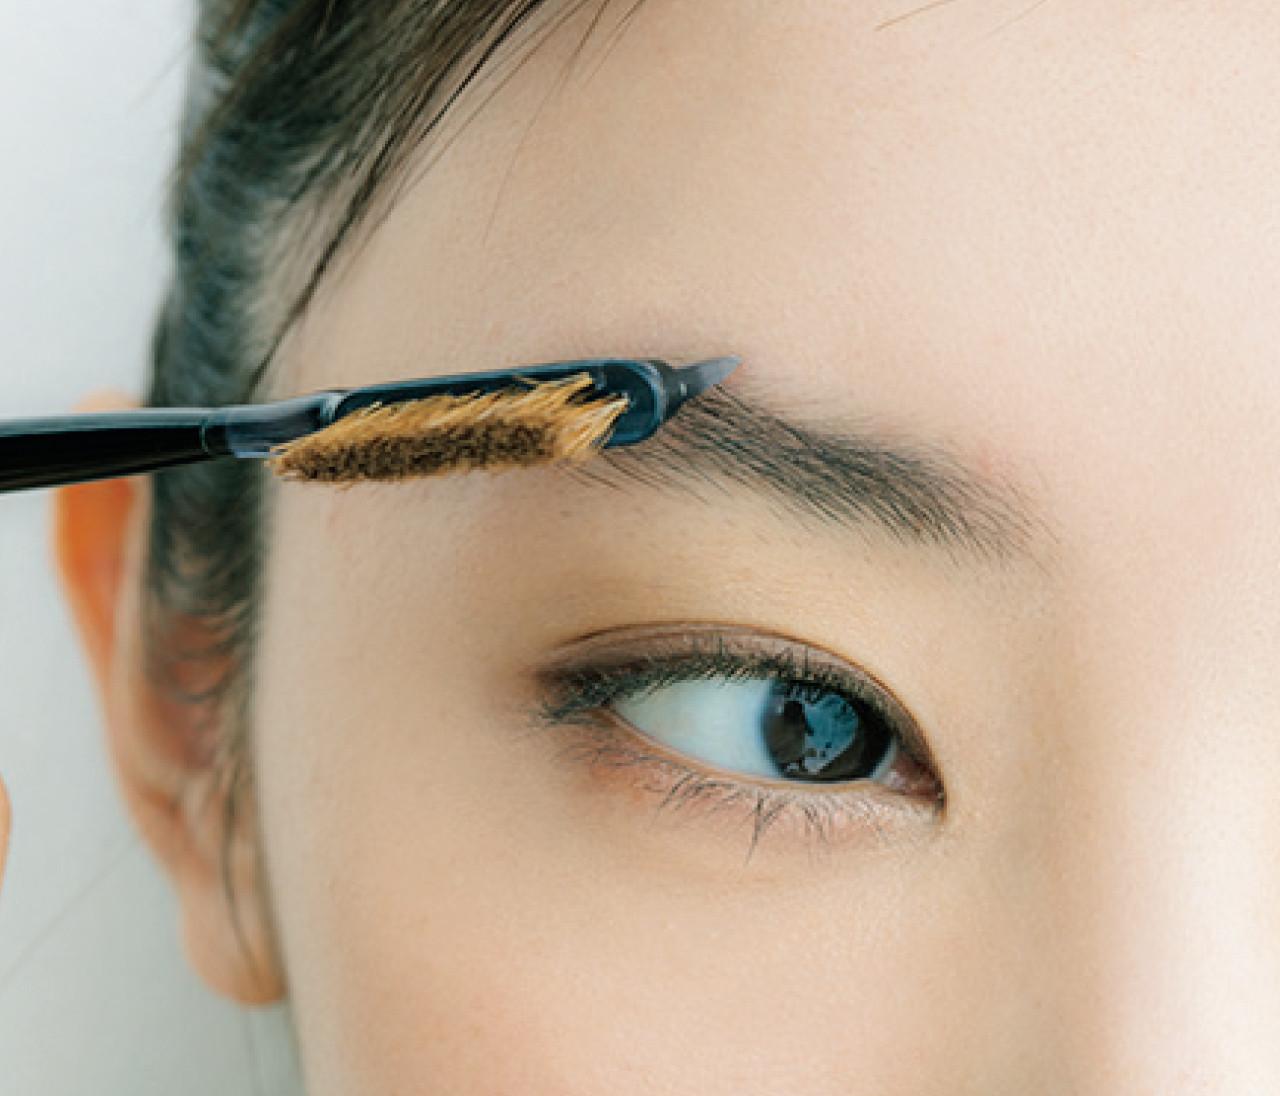 【30代のためのネオ美人眉Q&A1】眉ってハサミでカットすべき?毛抜きは使っていいの?